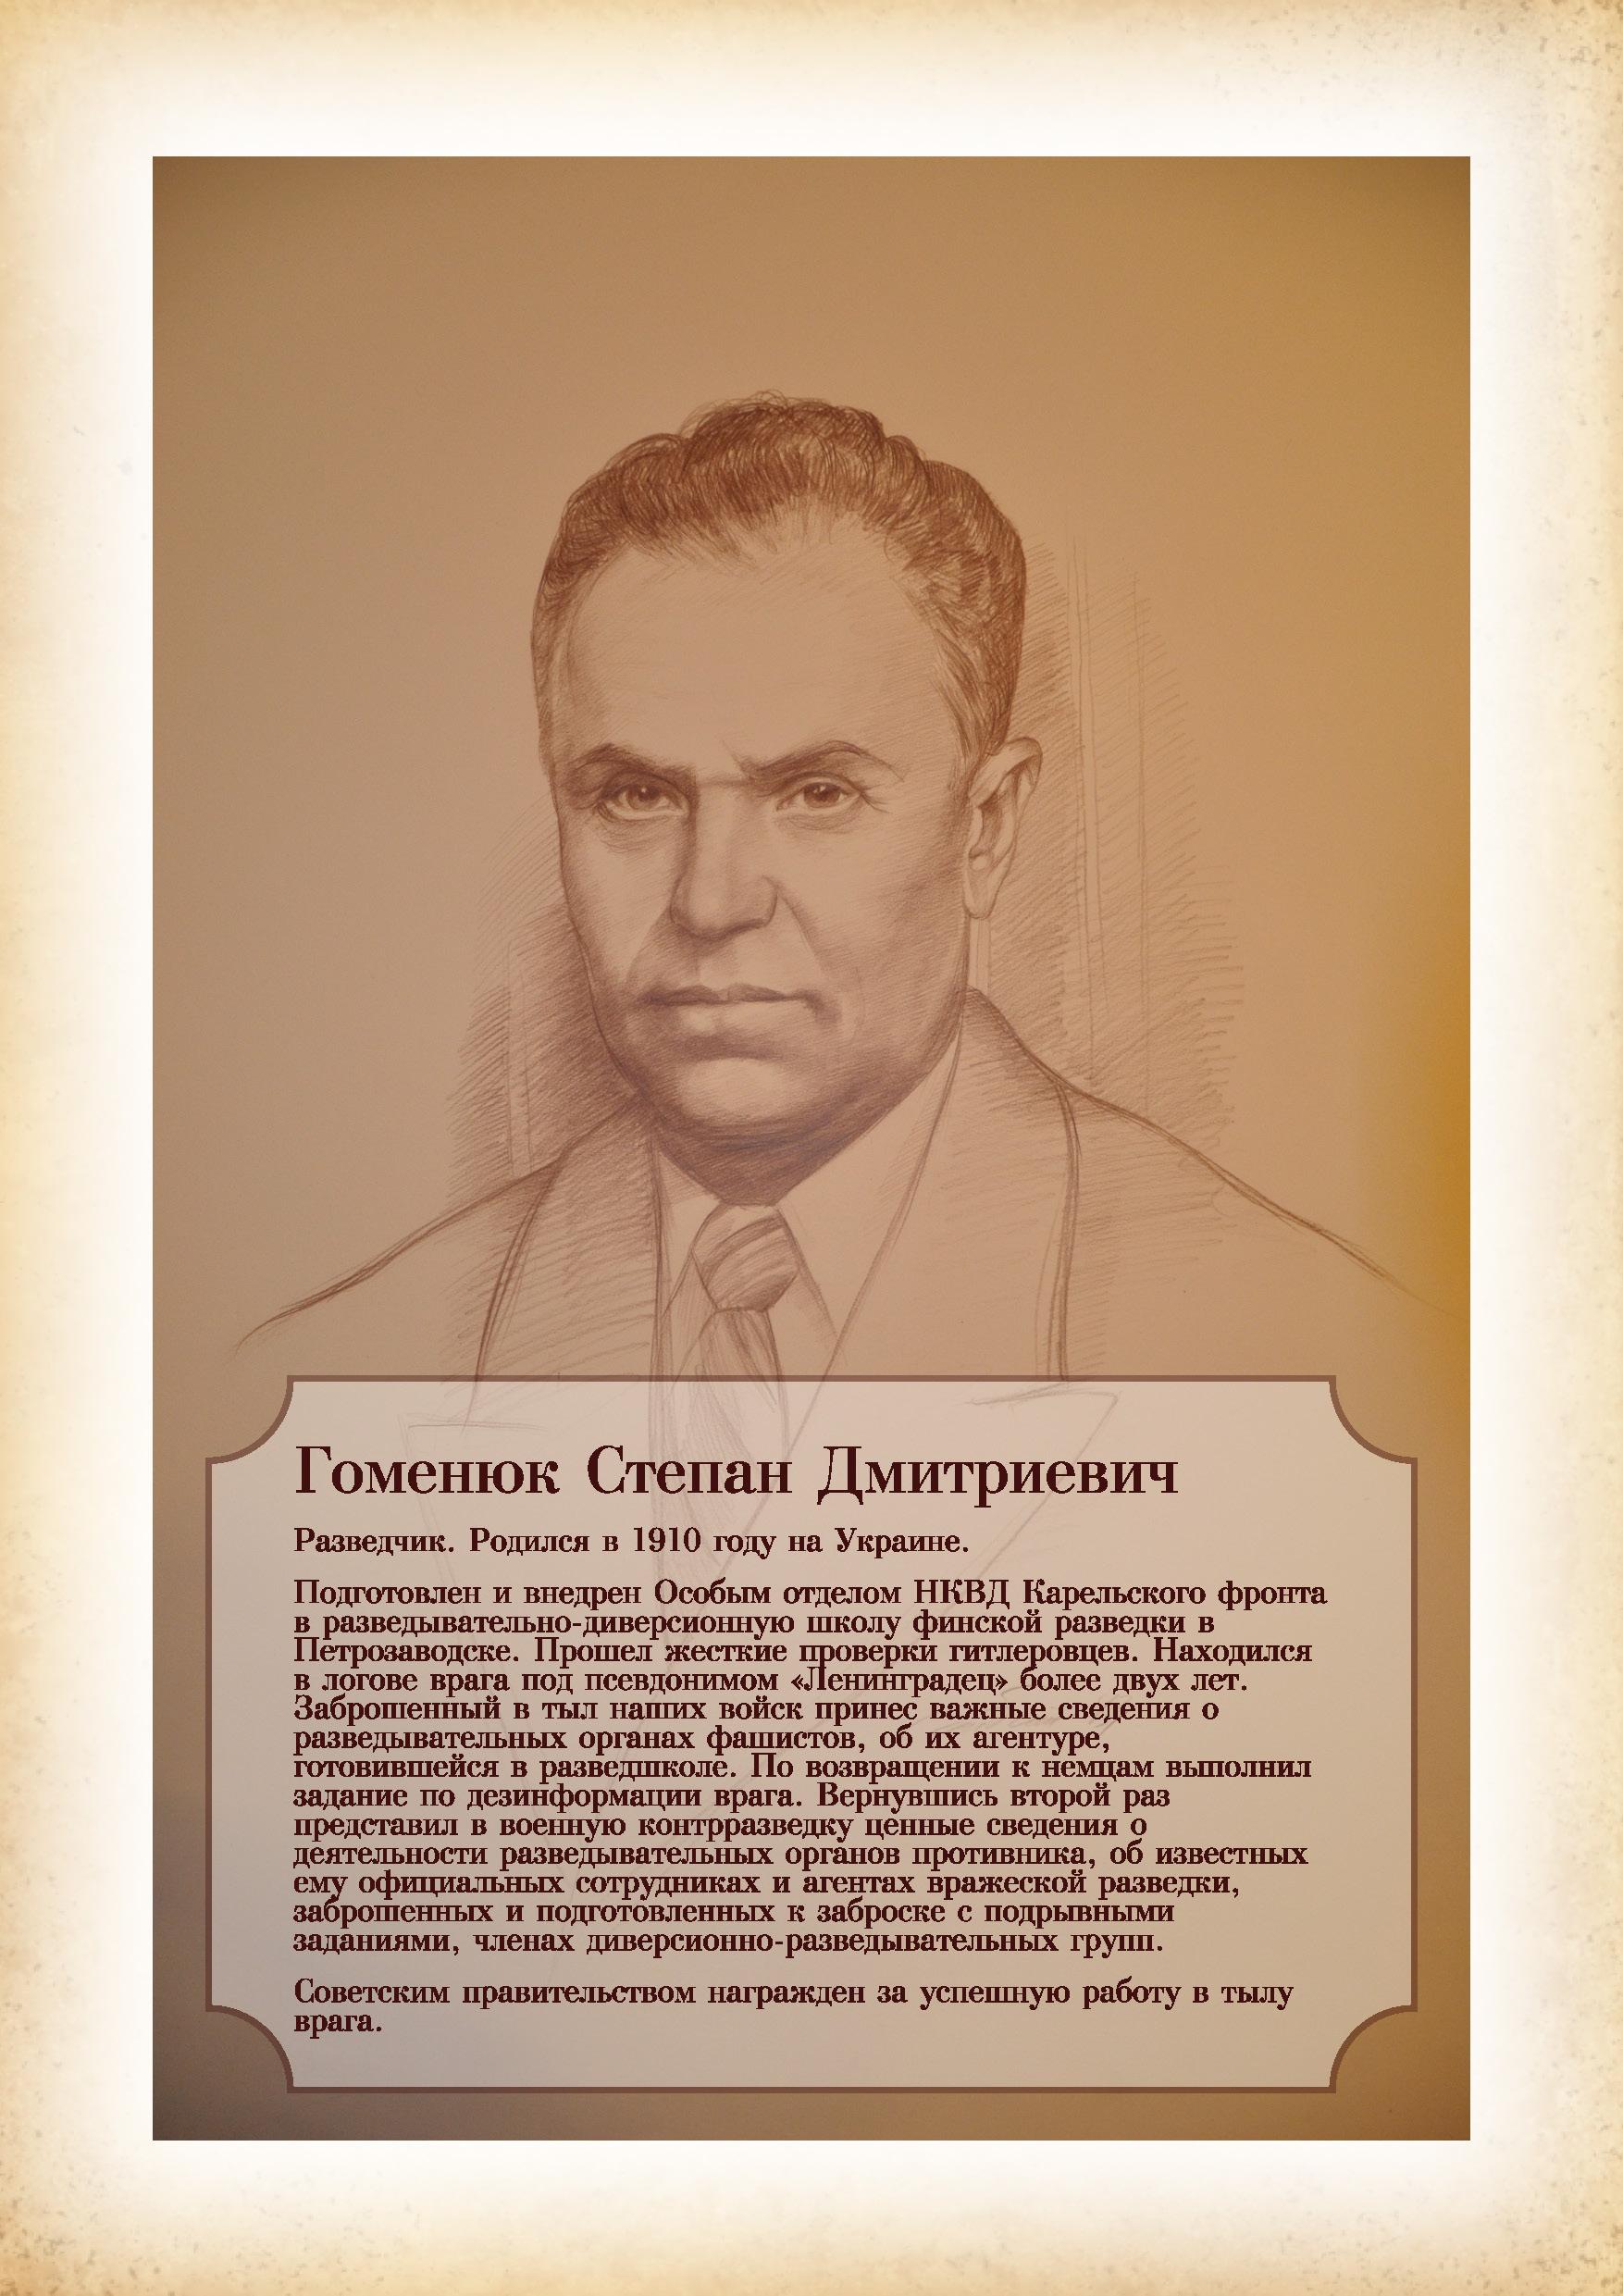 Гоменюк Степан Дмитриевич